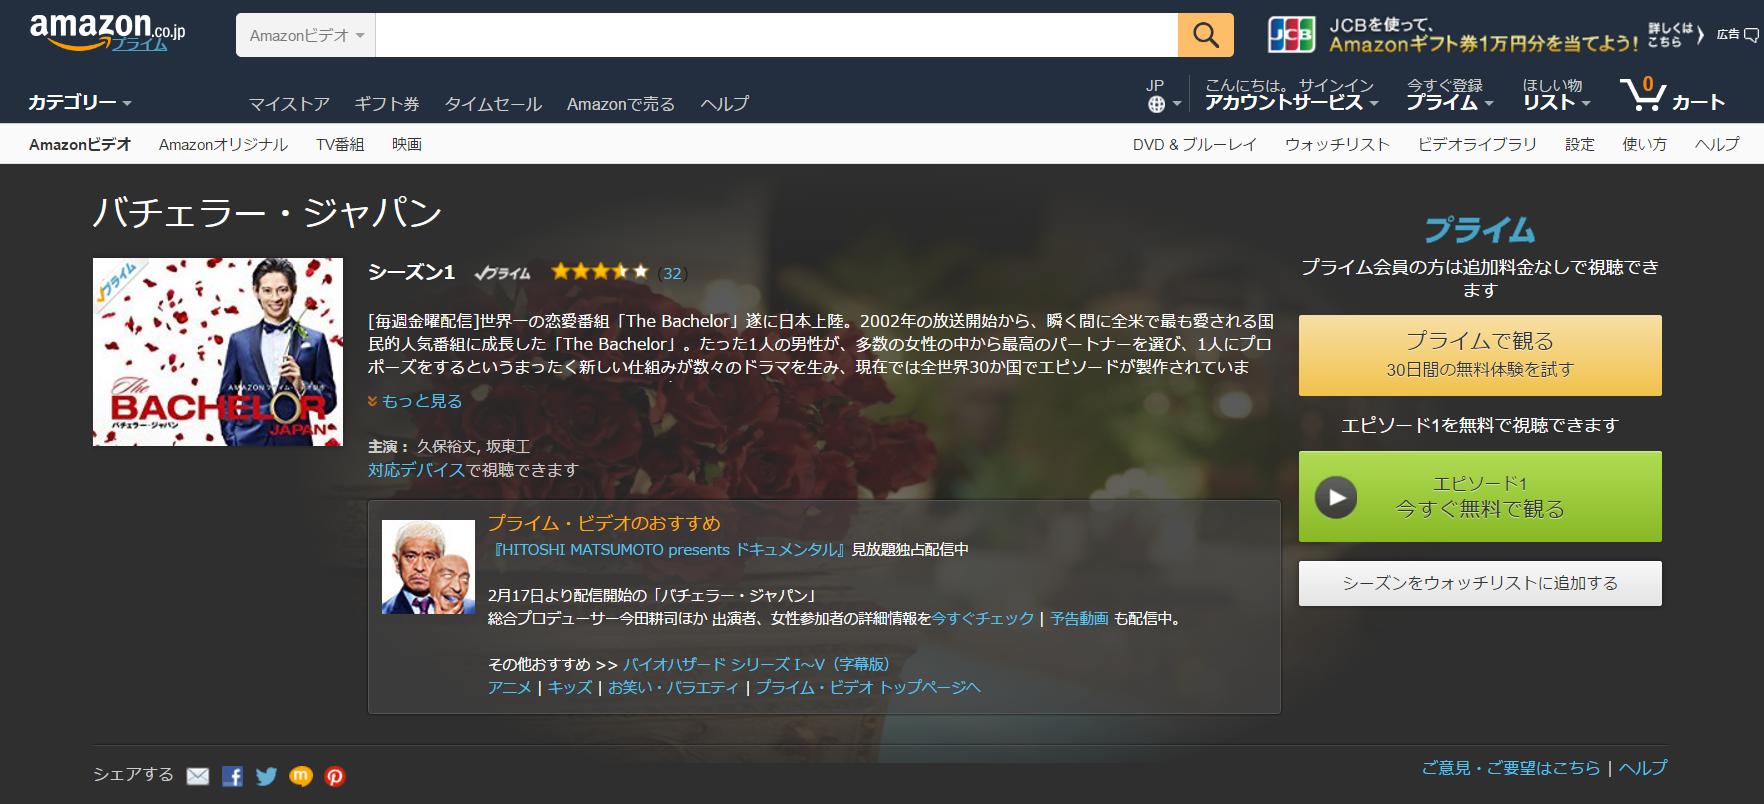 バチェラー・ジャパン | ひたすらにバチェラーの好感度が上がり続ける番組 (Amazonプライムビデオ THE BACHELOR JAPAN)